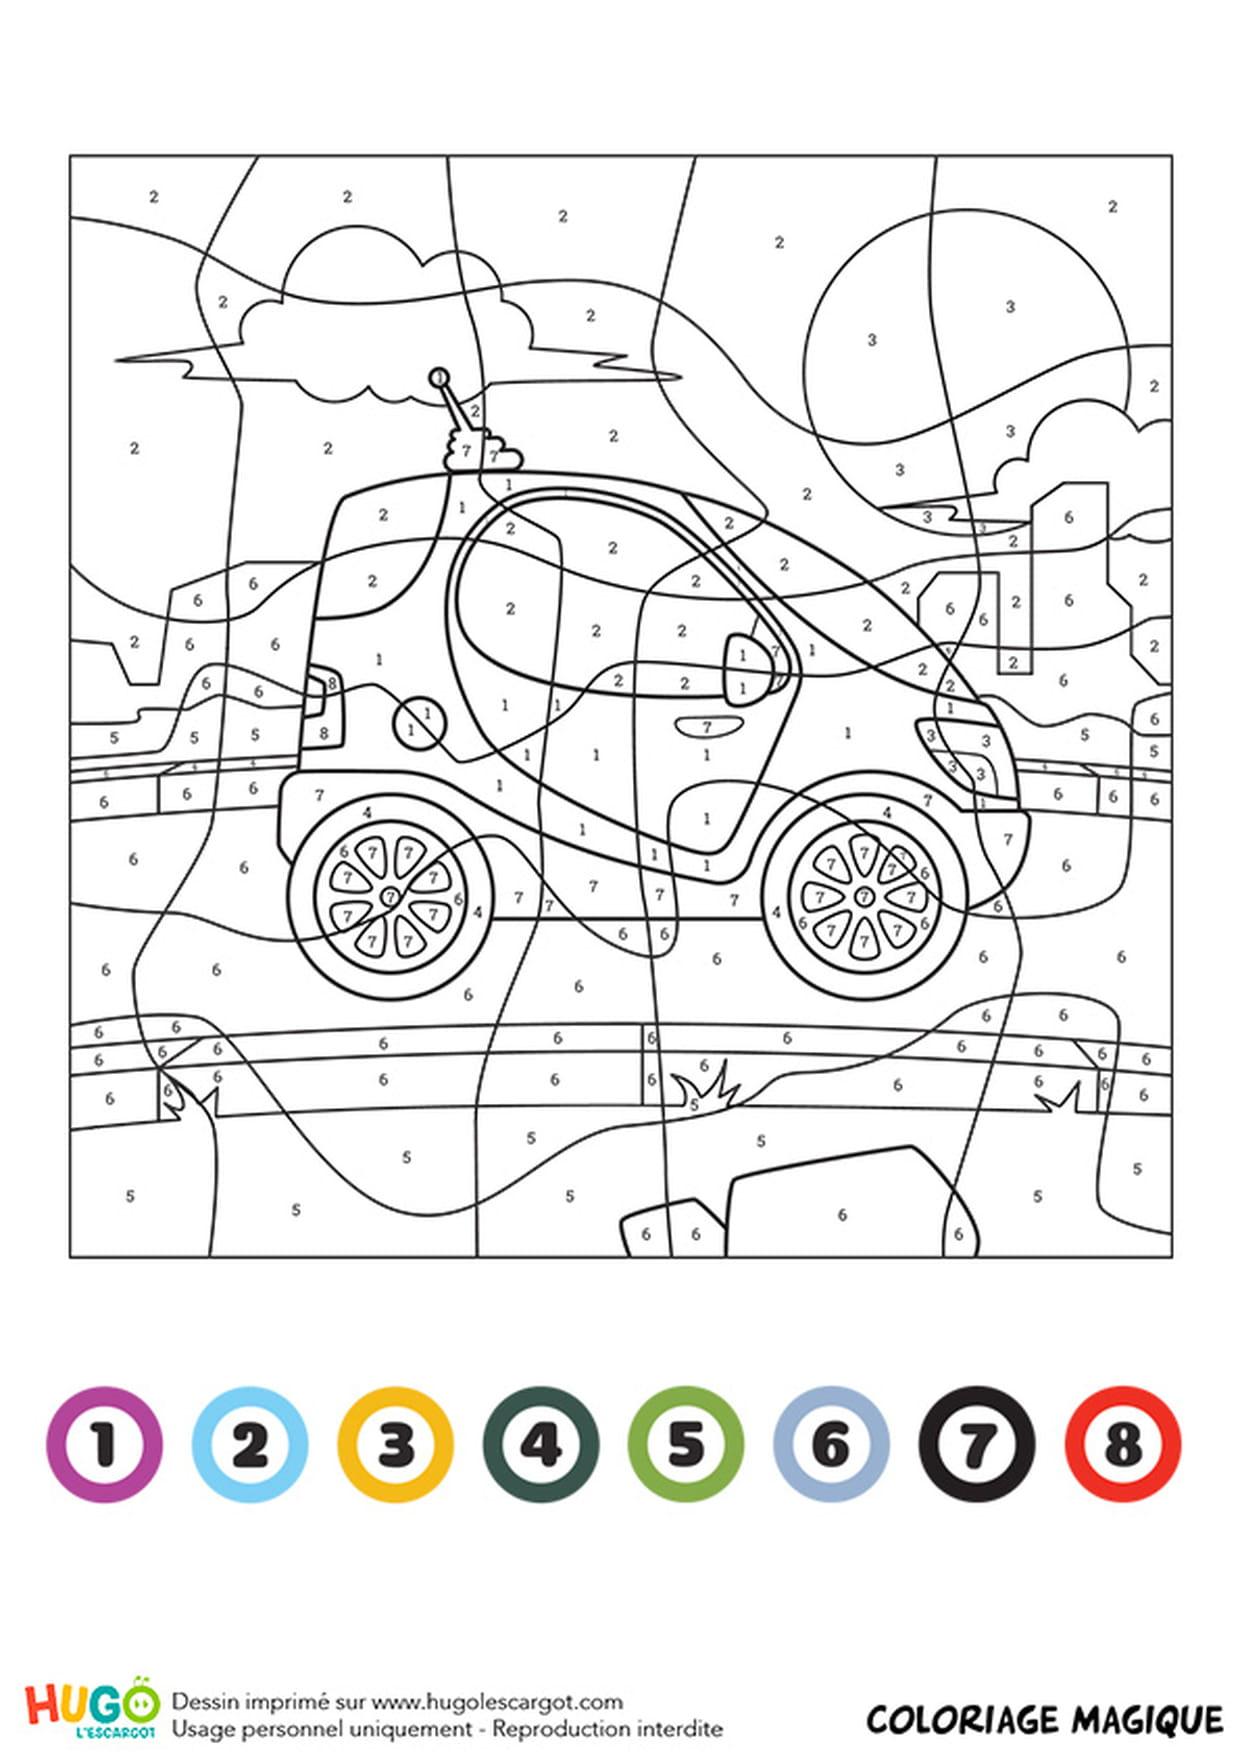 Coloriage Magique Ce1 : Une Mini Voiture pour Apprendre A Dessiner Une Voiture